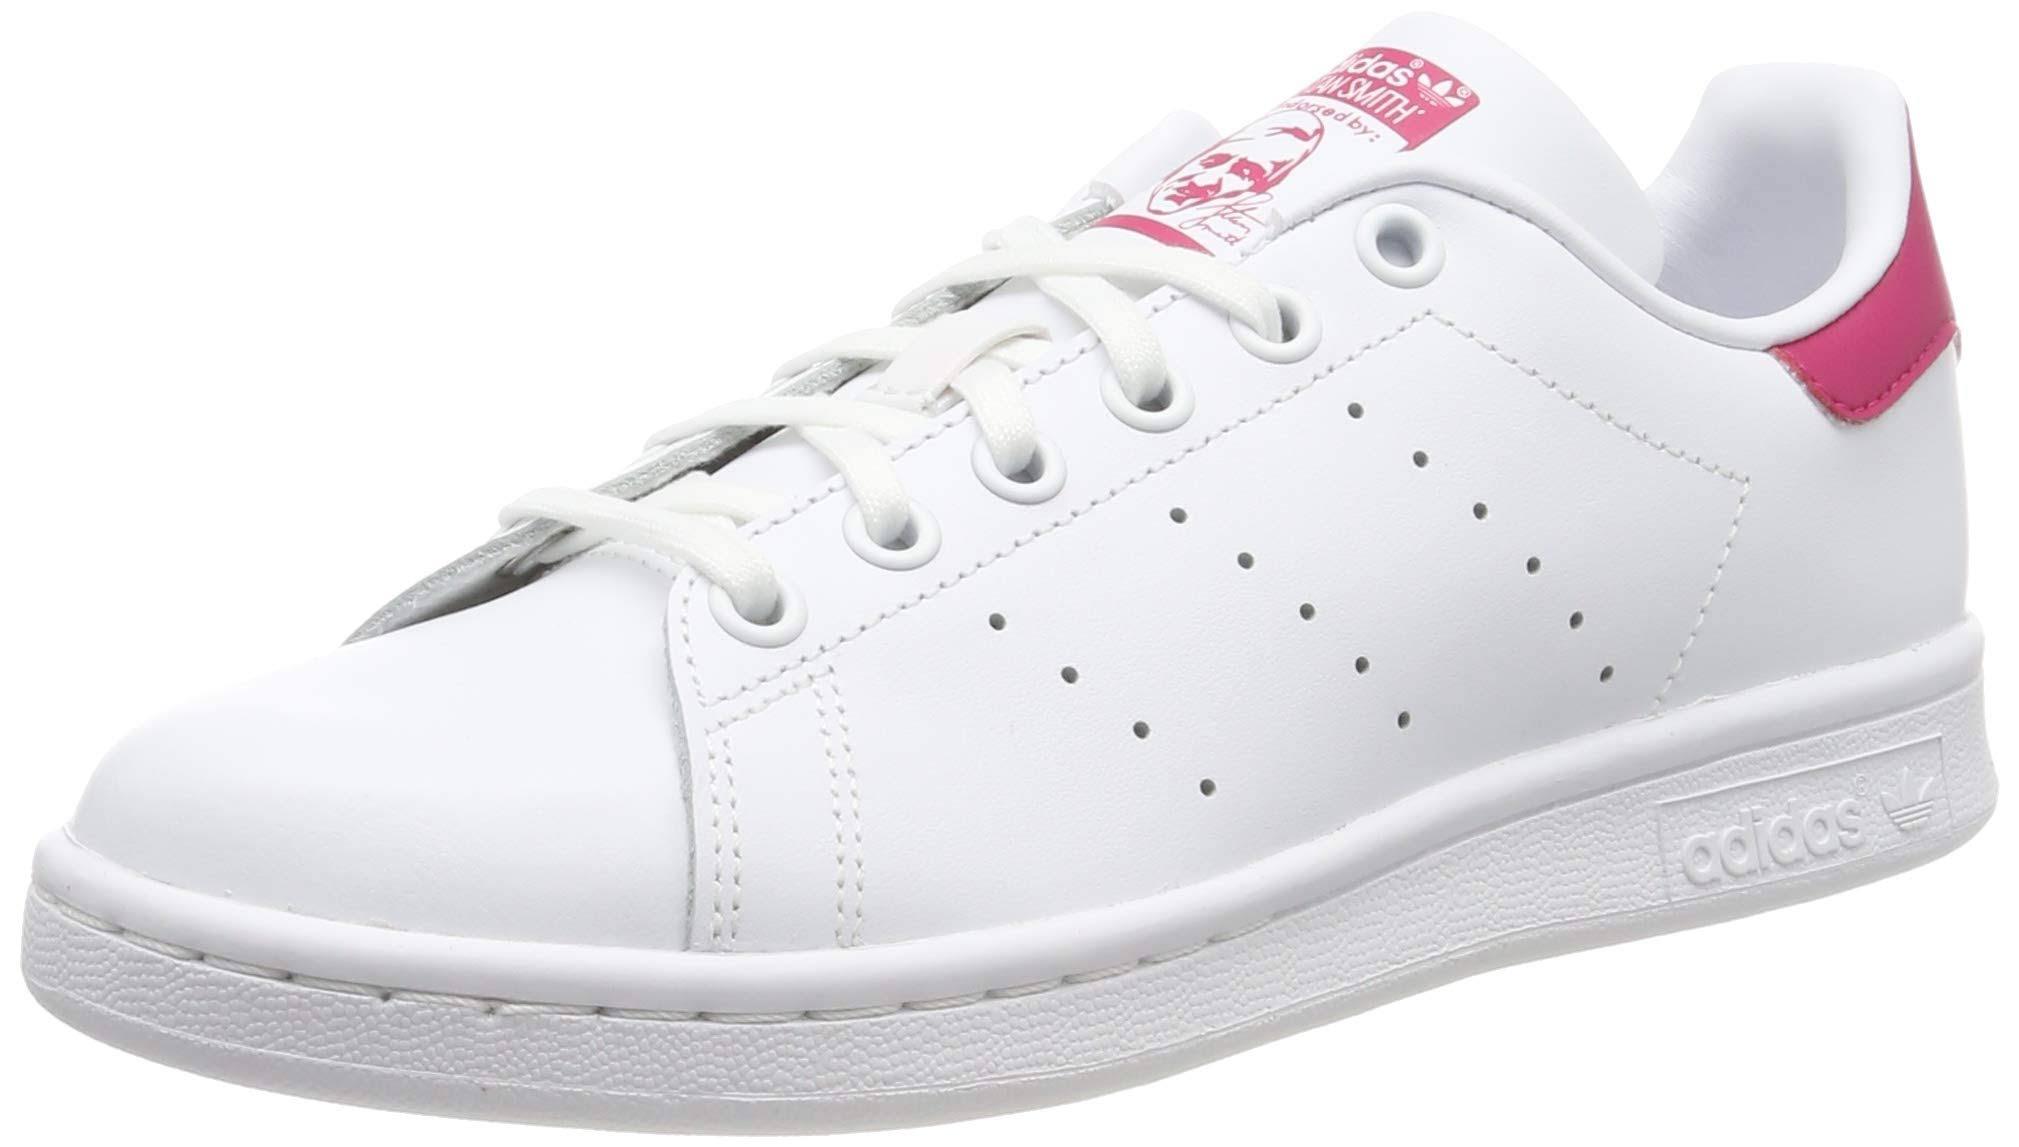 Adidas - StanSmith - White